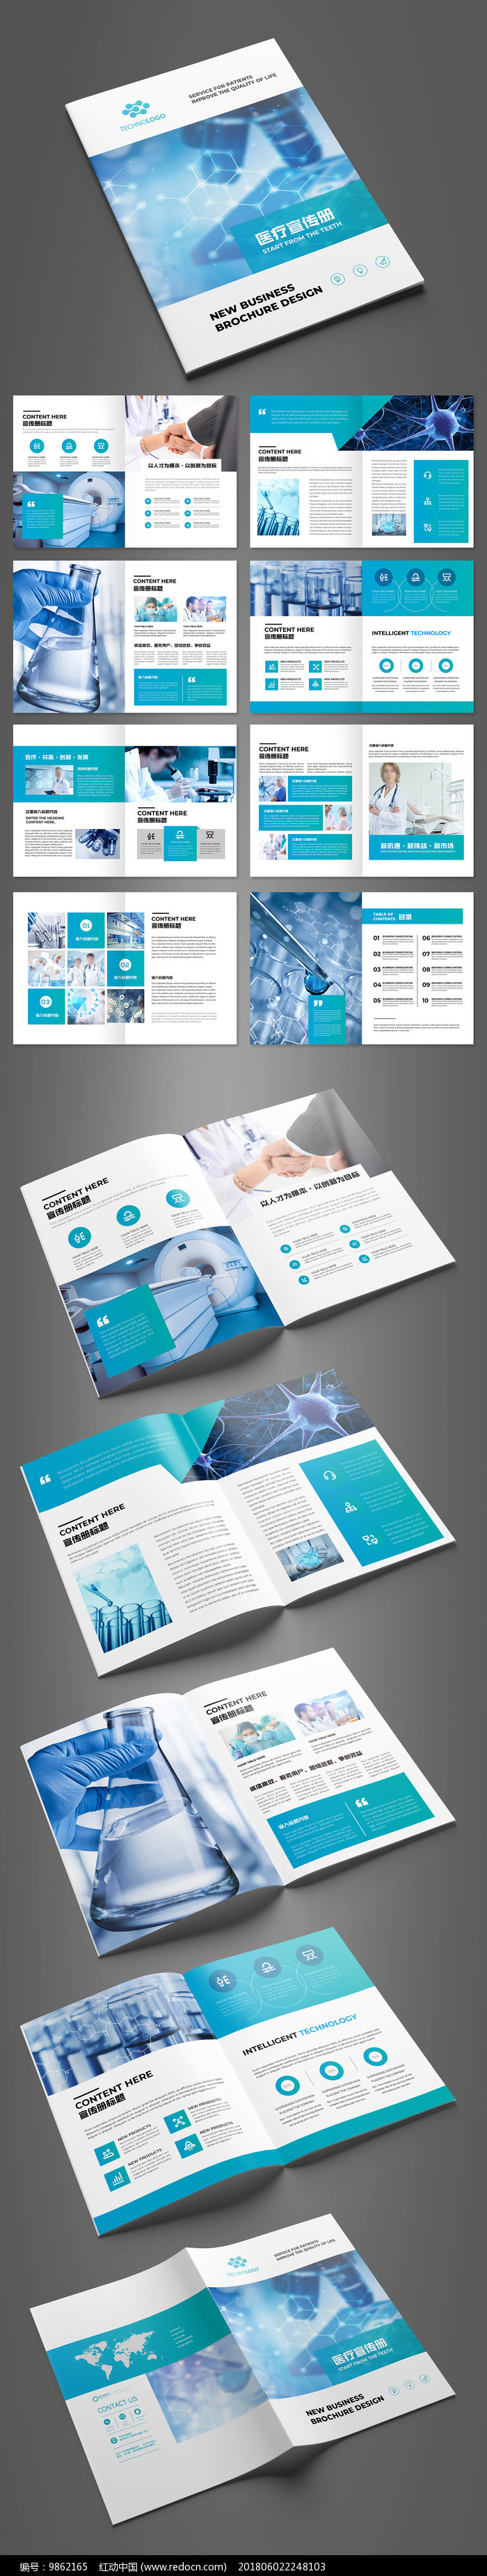 简约蓝色医疗医药画册设计模板图片